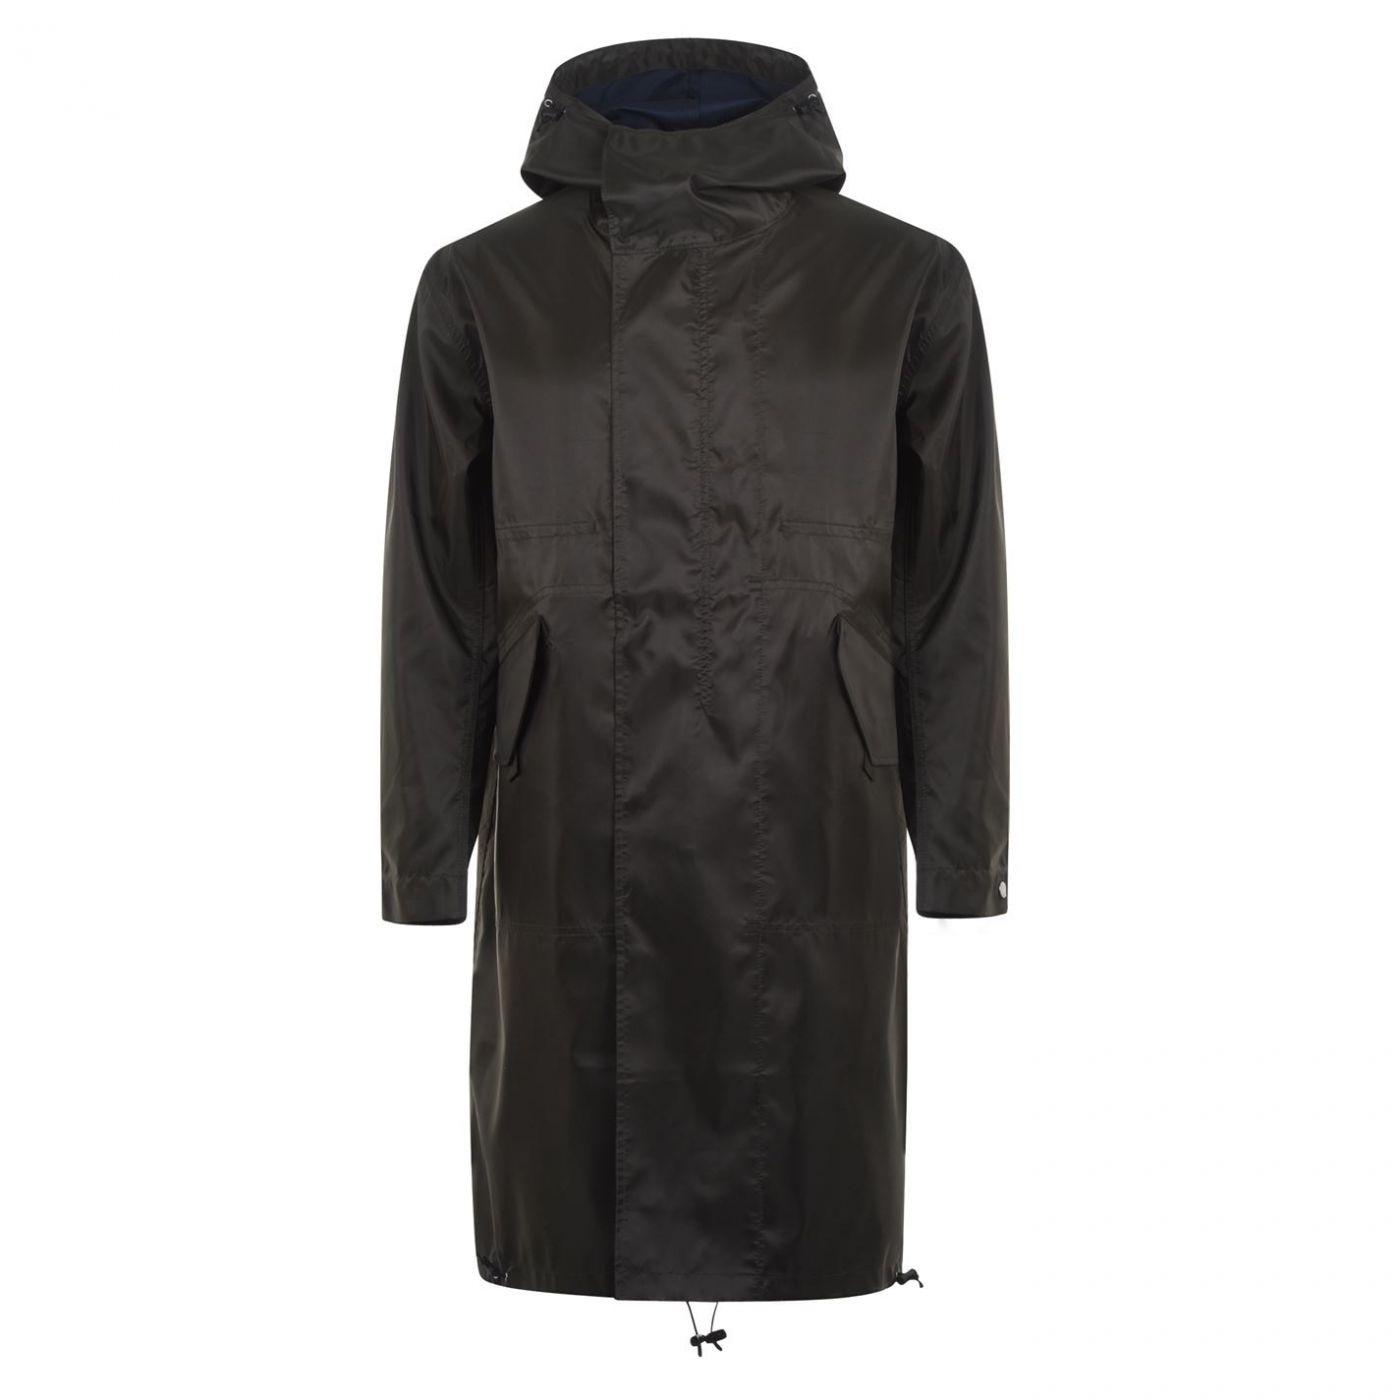 KARRIMOR ASPIRE JAPAN Bond Taff Jacket